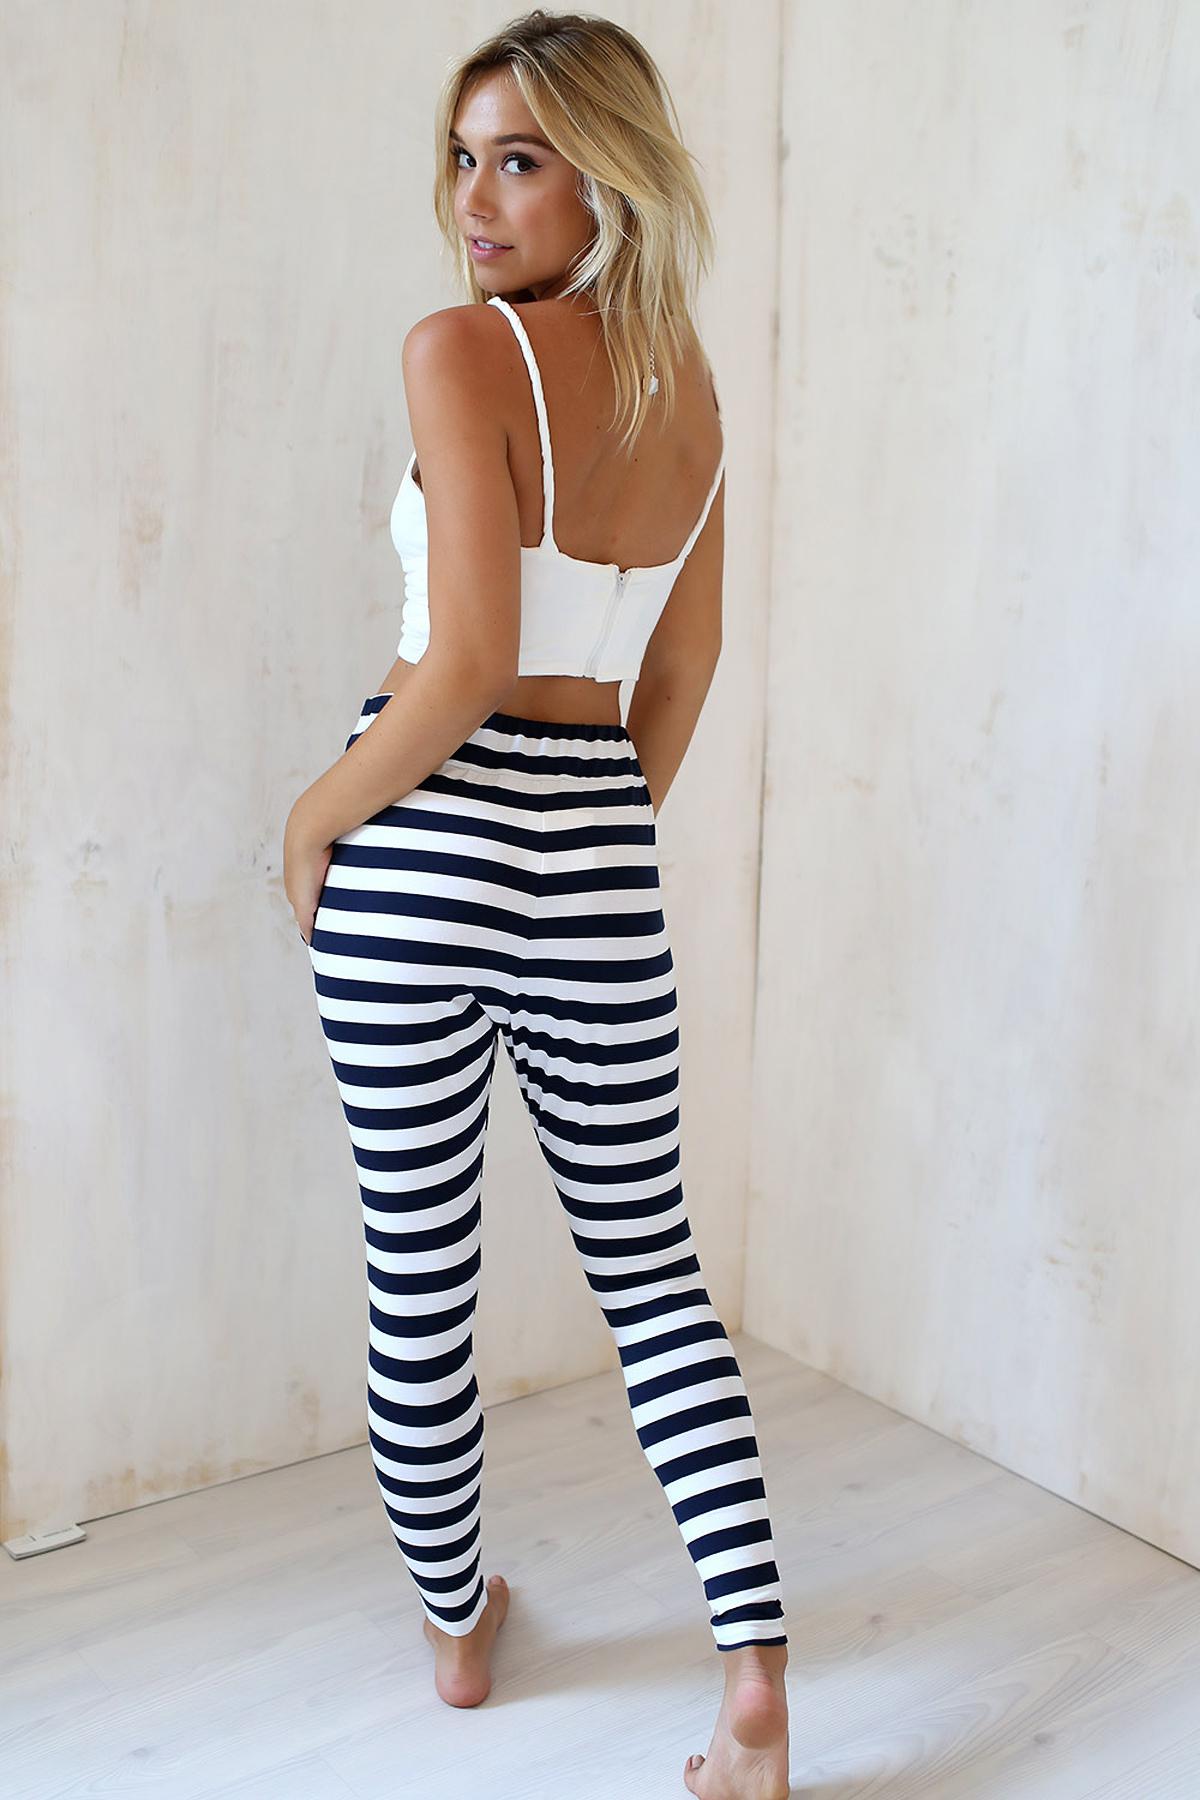 Alexis Ren Sabo Skirt Collection